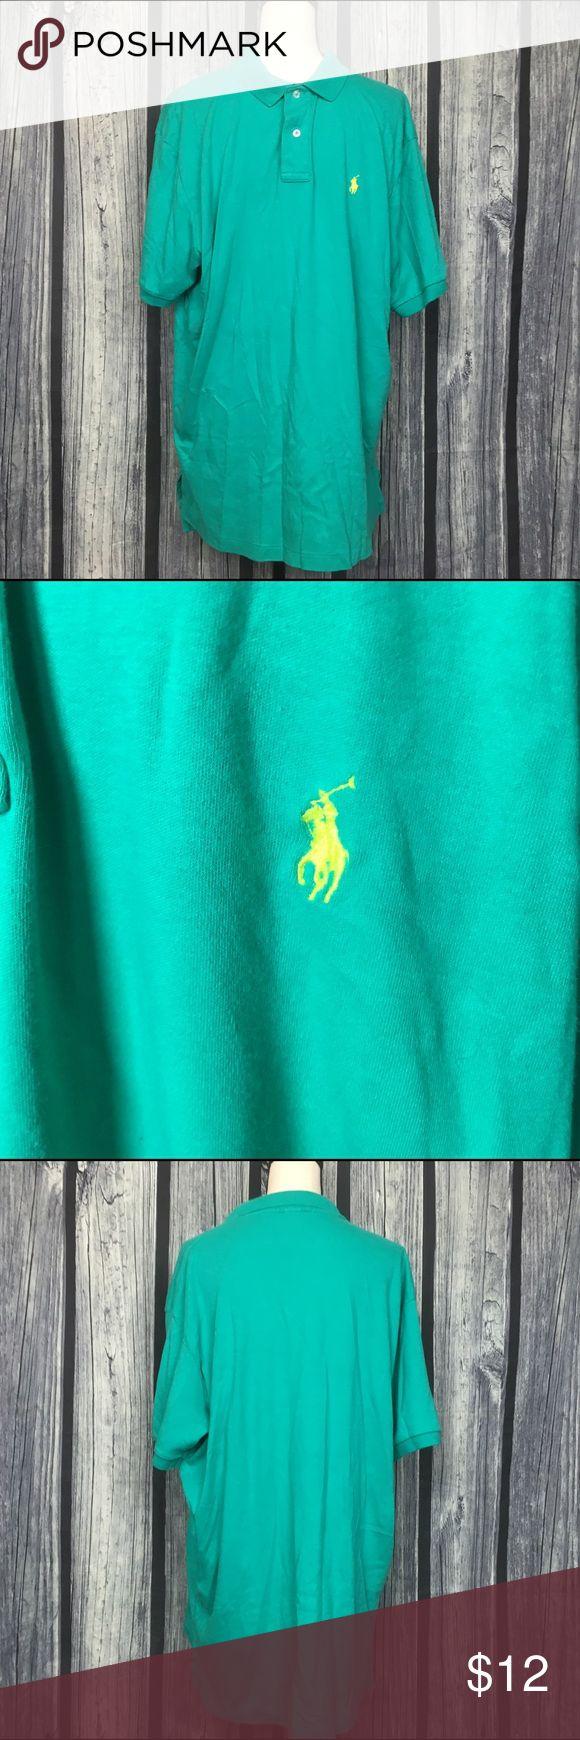 Polo Ralph Lauren Green polo shirt XL Polo Ralph Lauren Green polo shirt XL good condition open to offers Polo by Ralph Lauren Shirts Polos